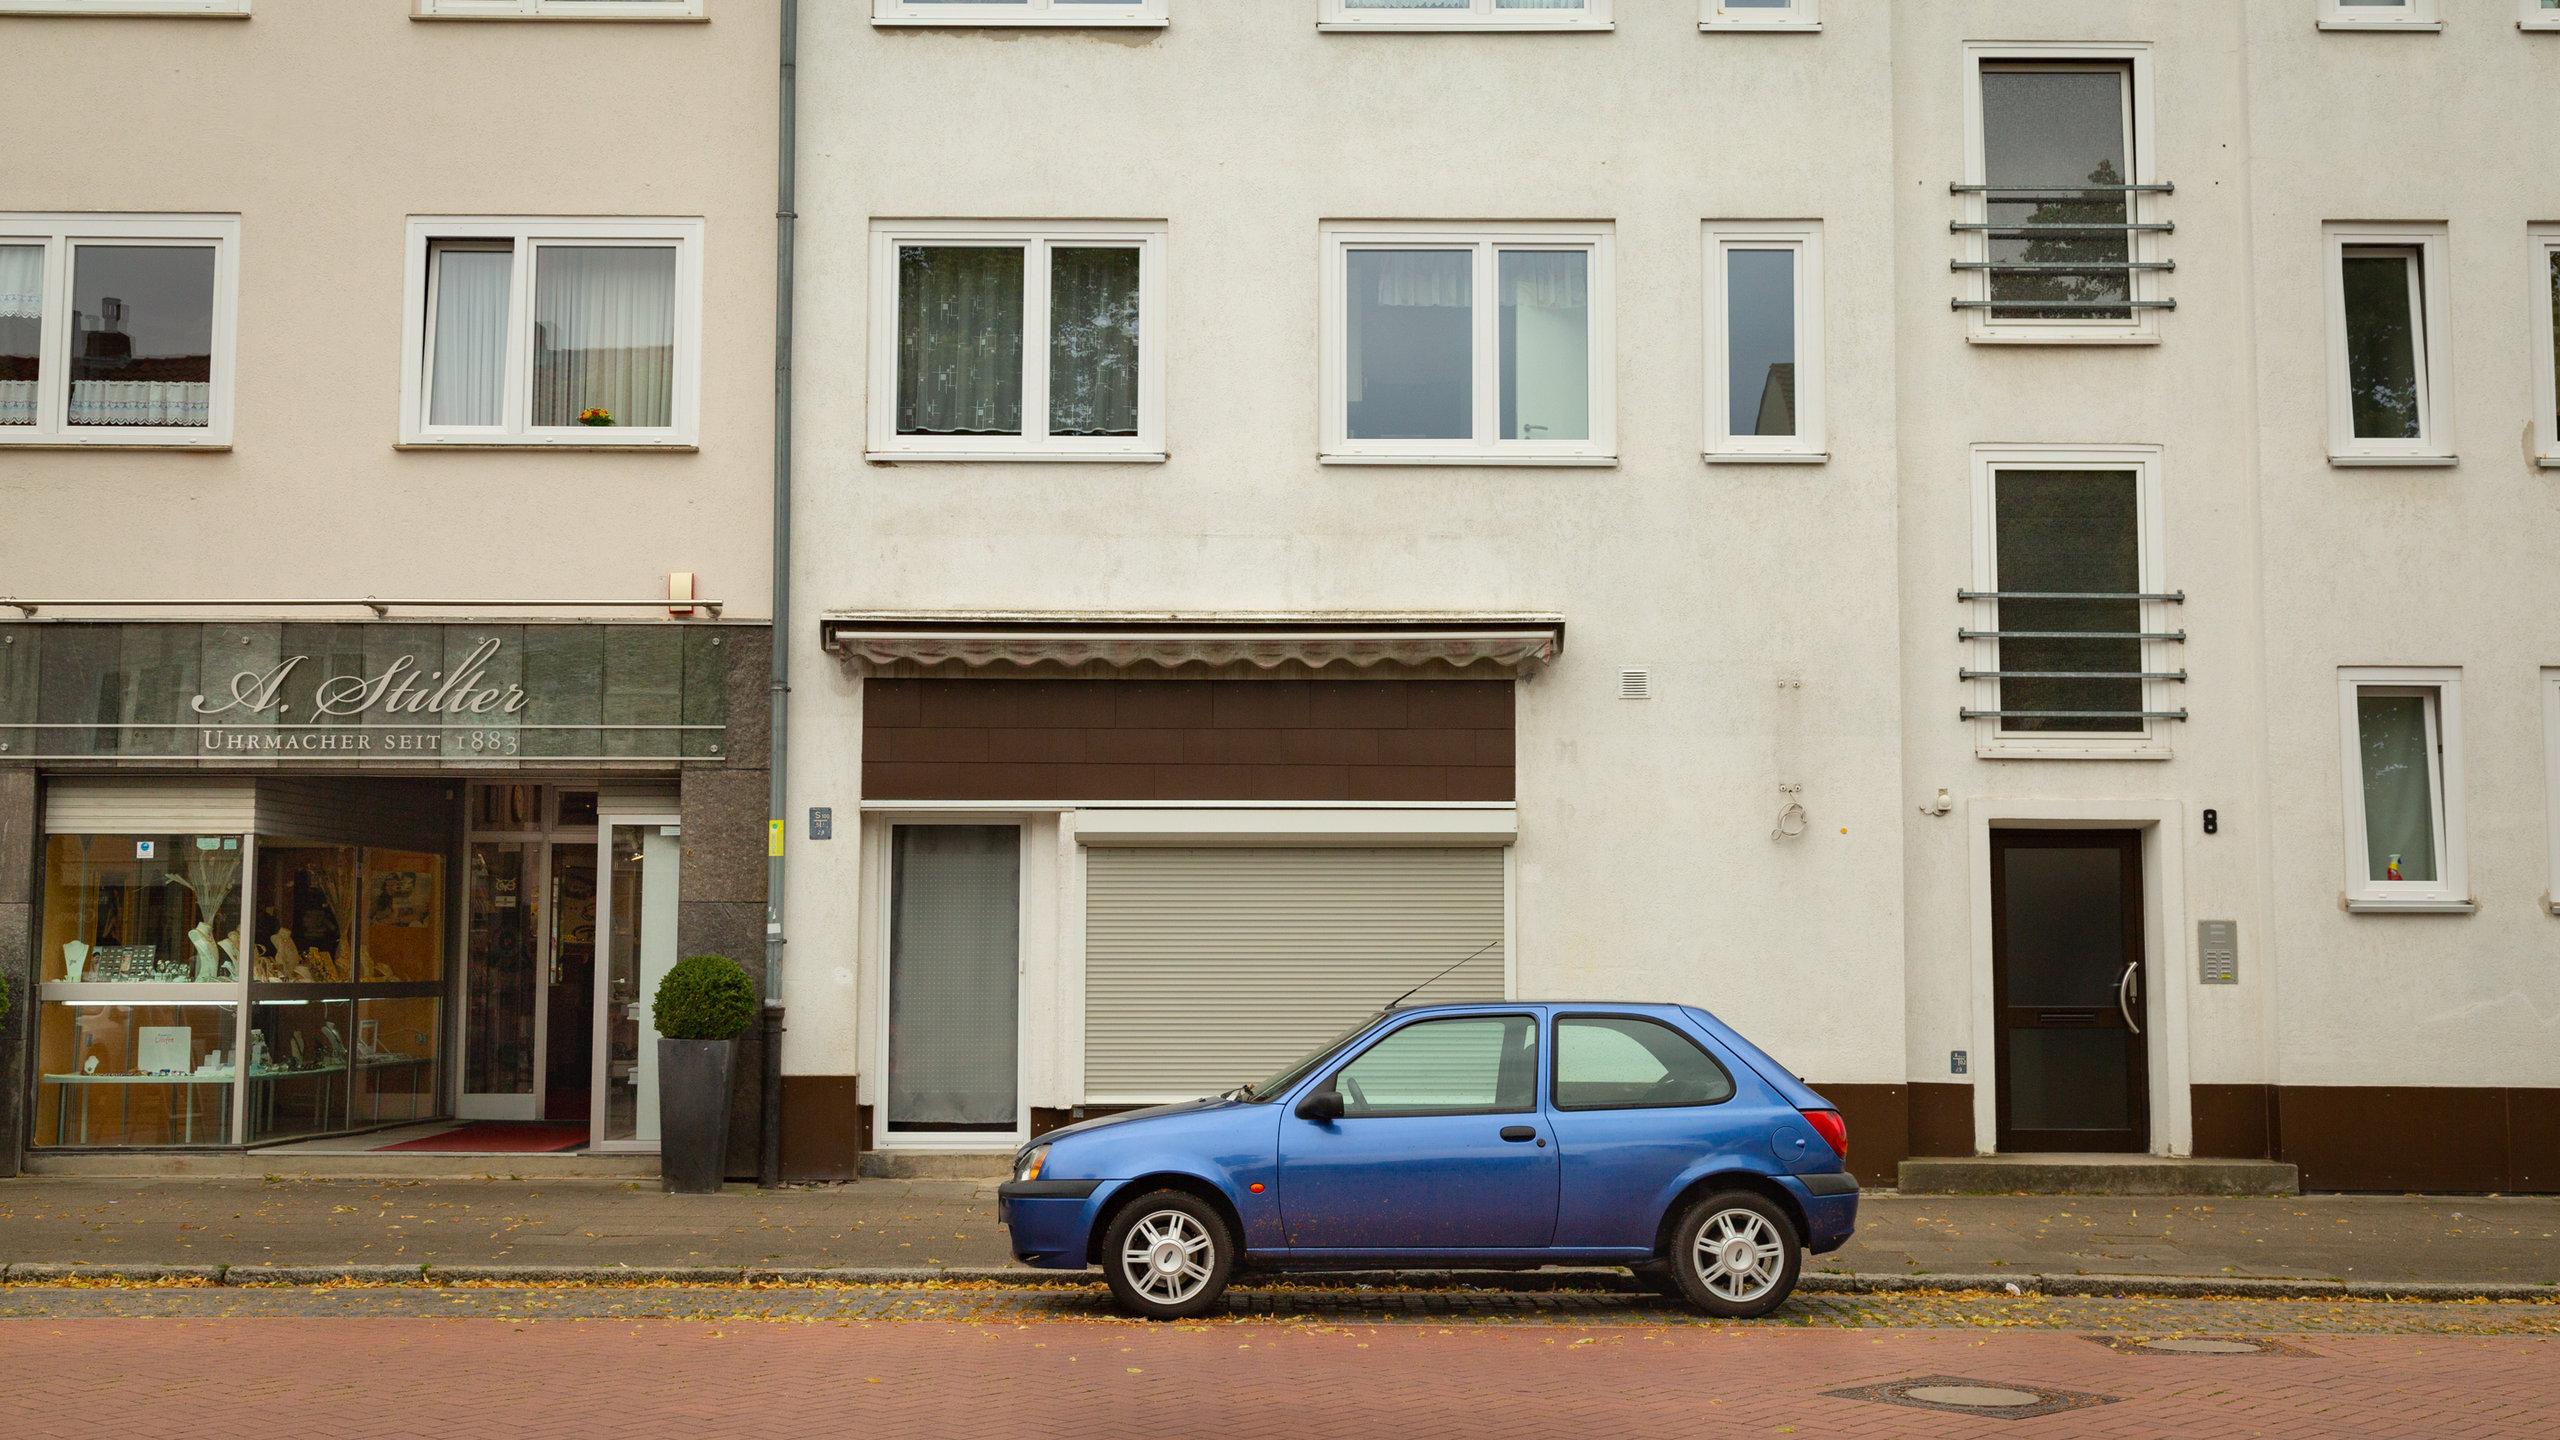 Döhren-Wülfel, Hannover, Niedersachsen, Deutschland